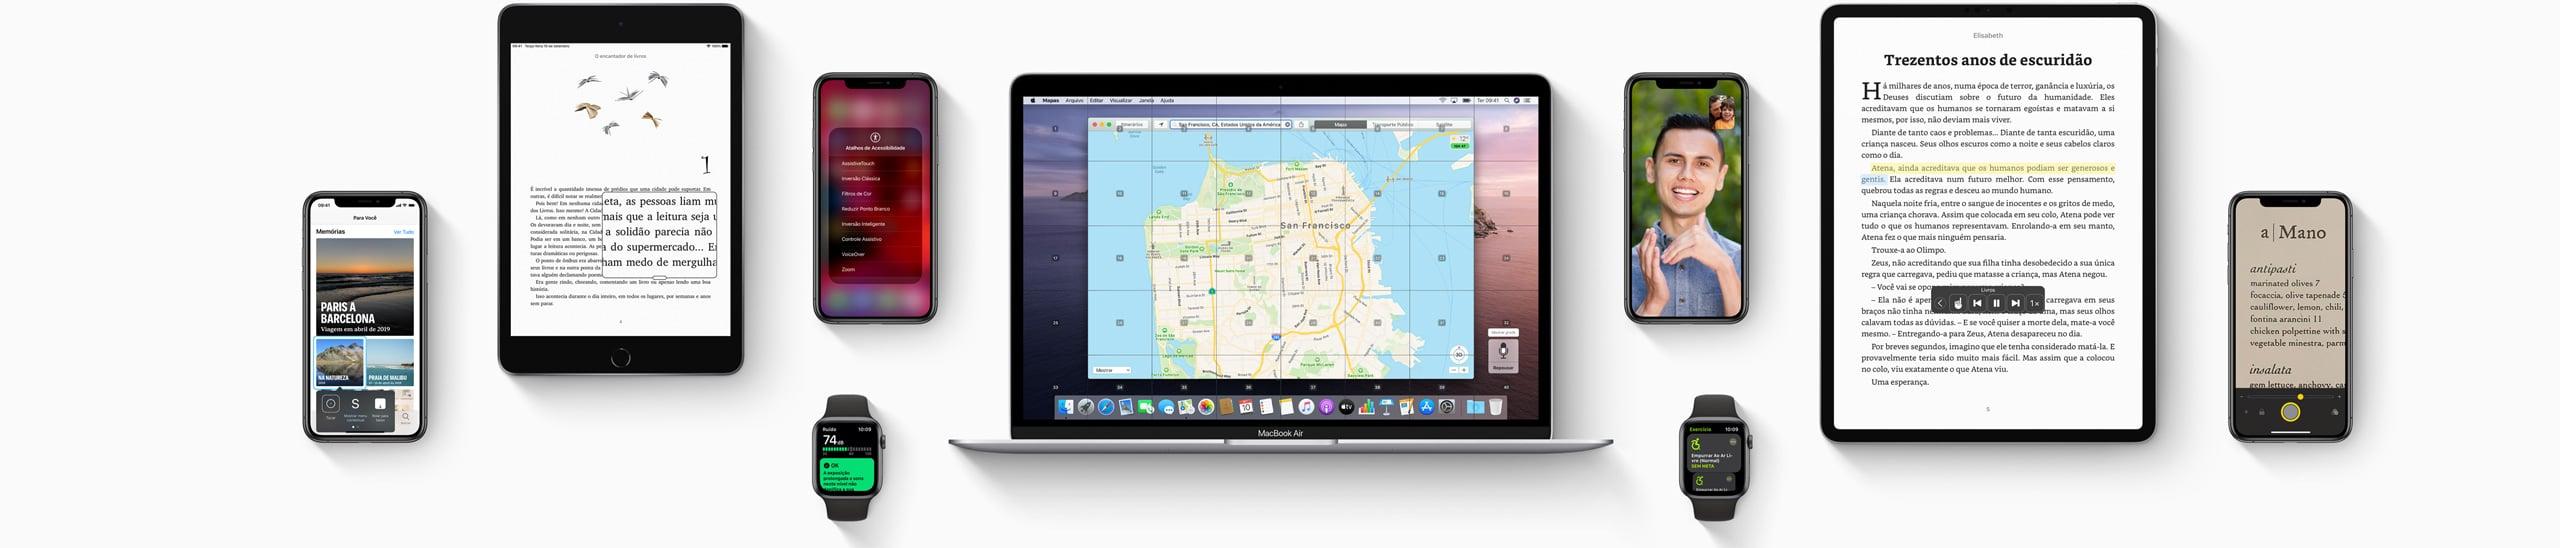 Banner do Apple.com sobre acessibilidade